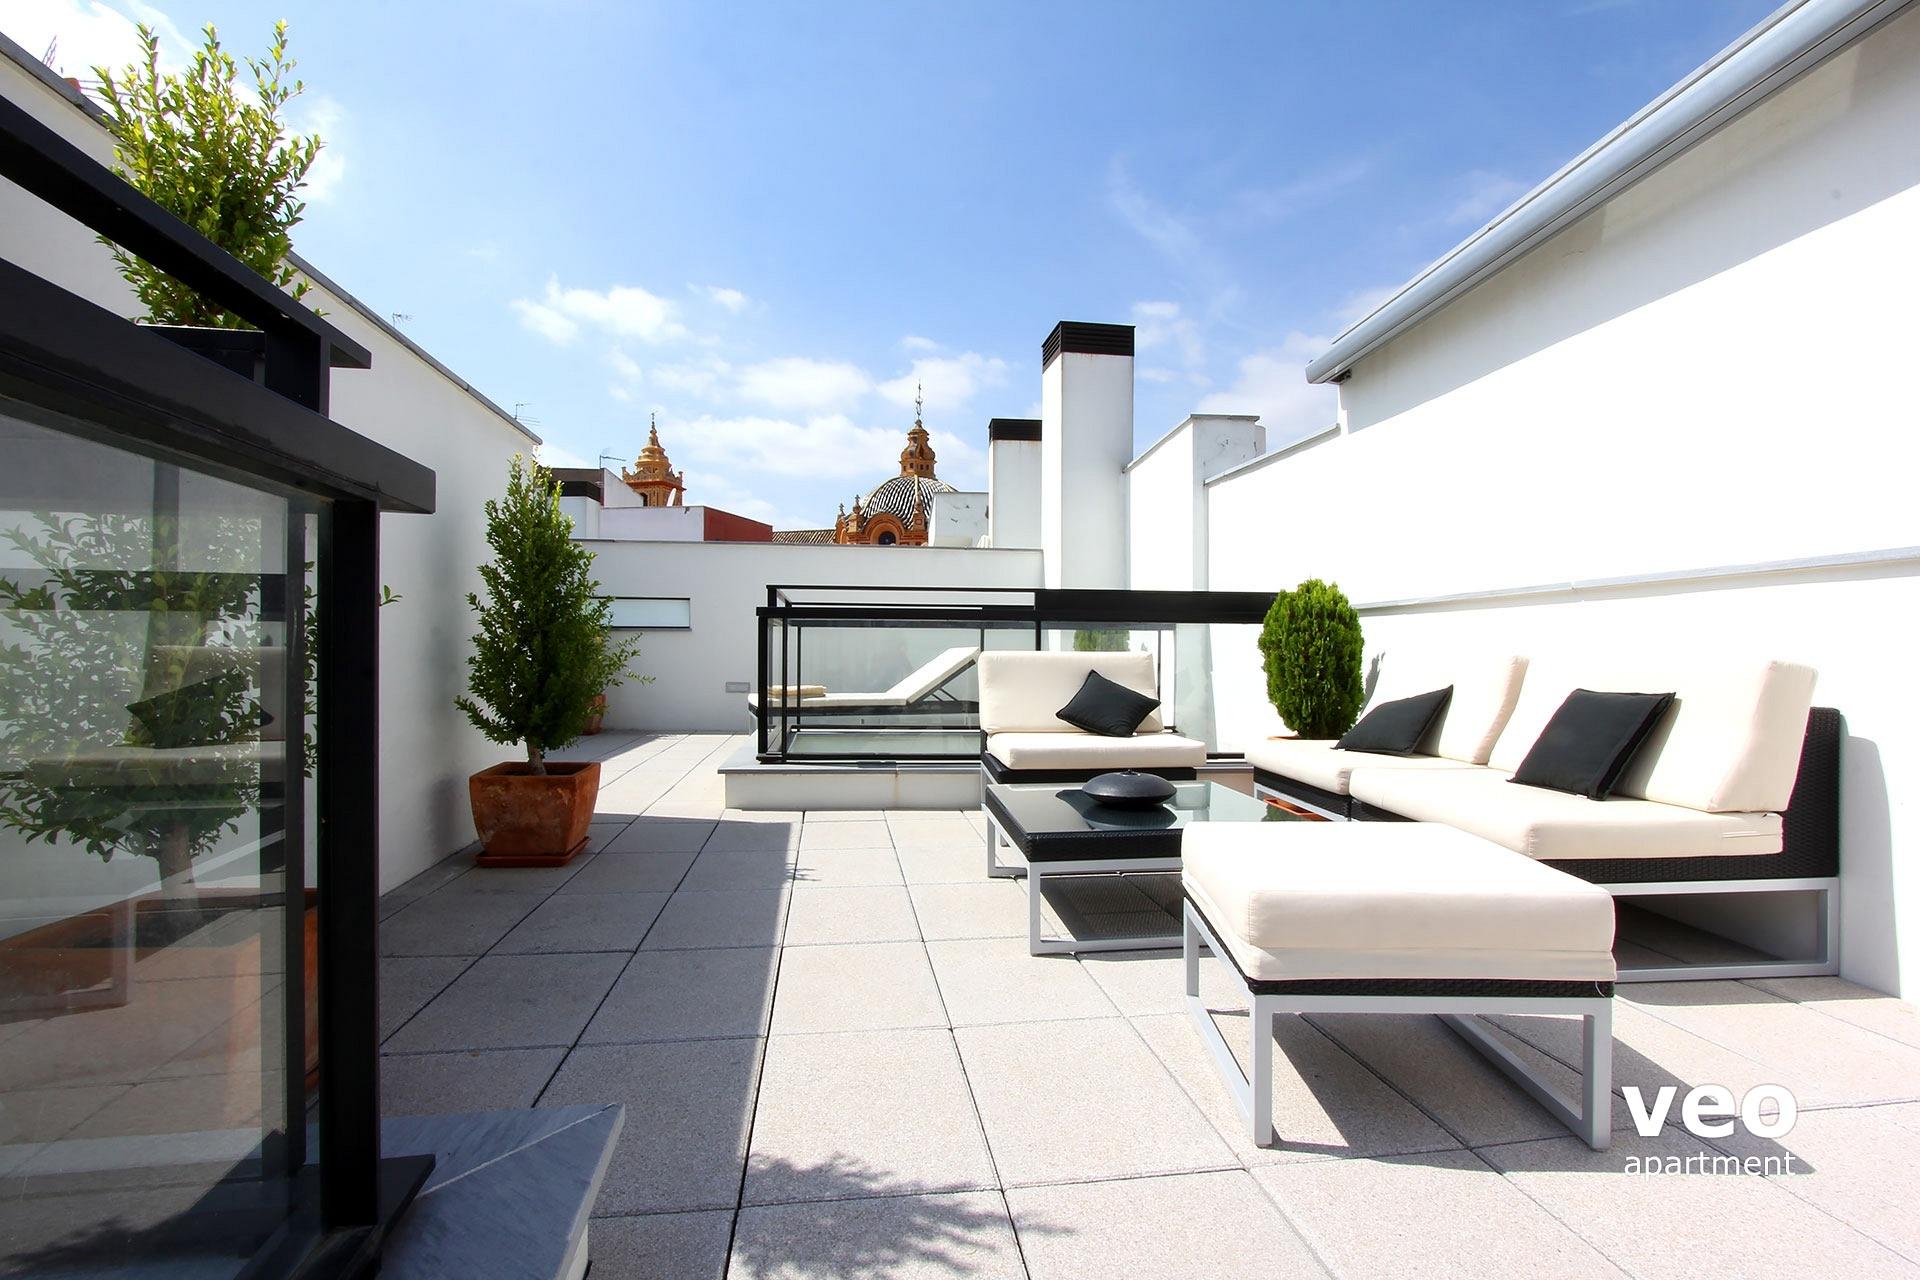 lounge sofa terrasse excellent terrasse verte living room. Black Bedroom Furniture Sets. Home Design Ideas